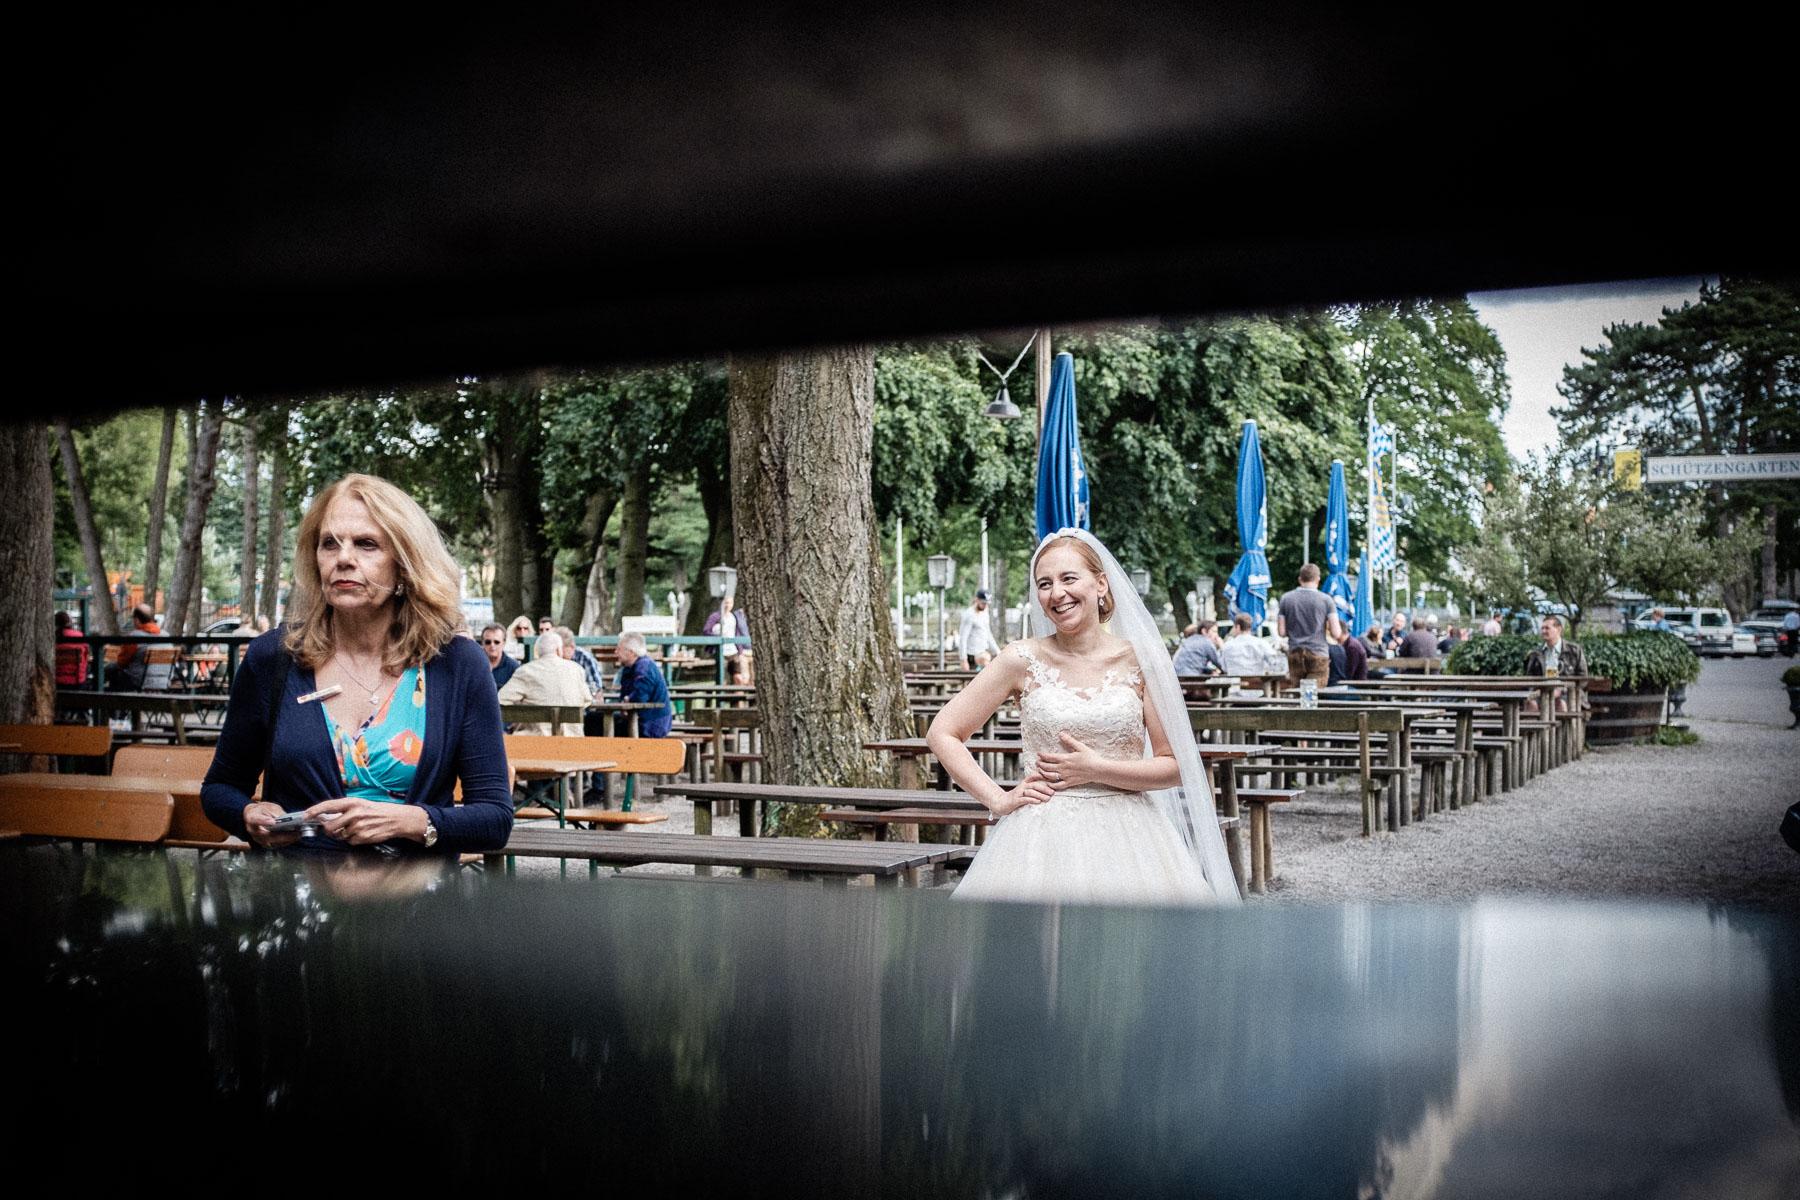 MartinLiebl_Hochzeitsfotograf_MML_Blog_57.jpg